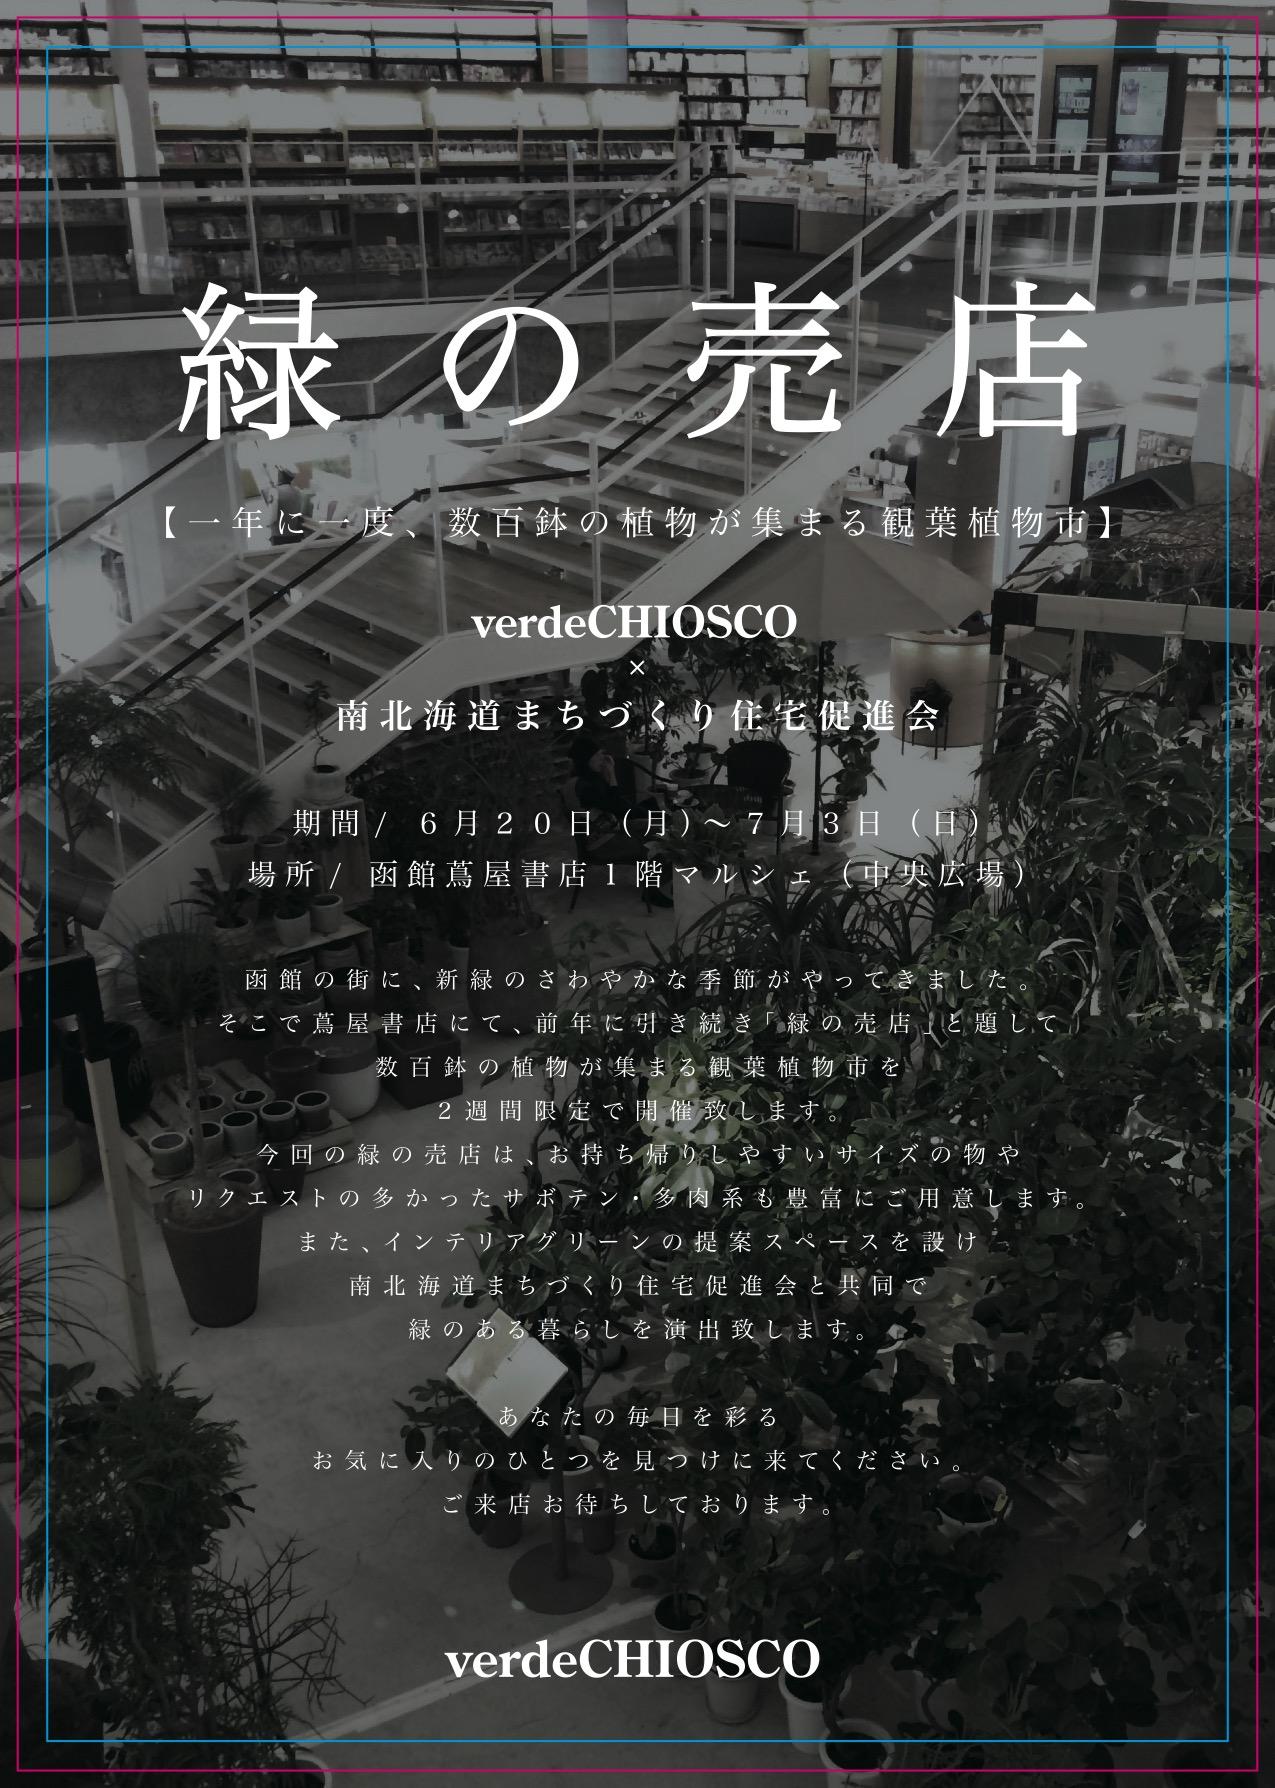 緑の売店、明日から開催。